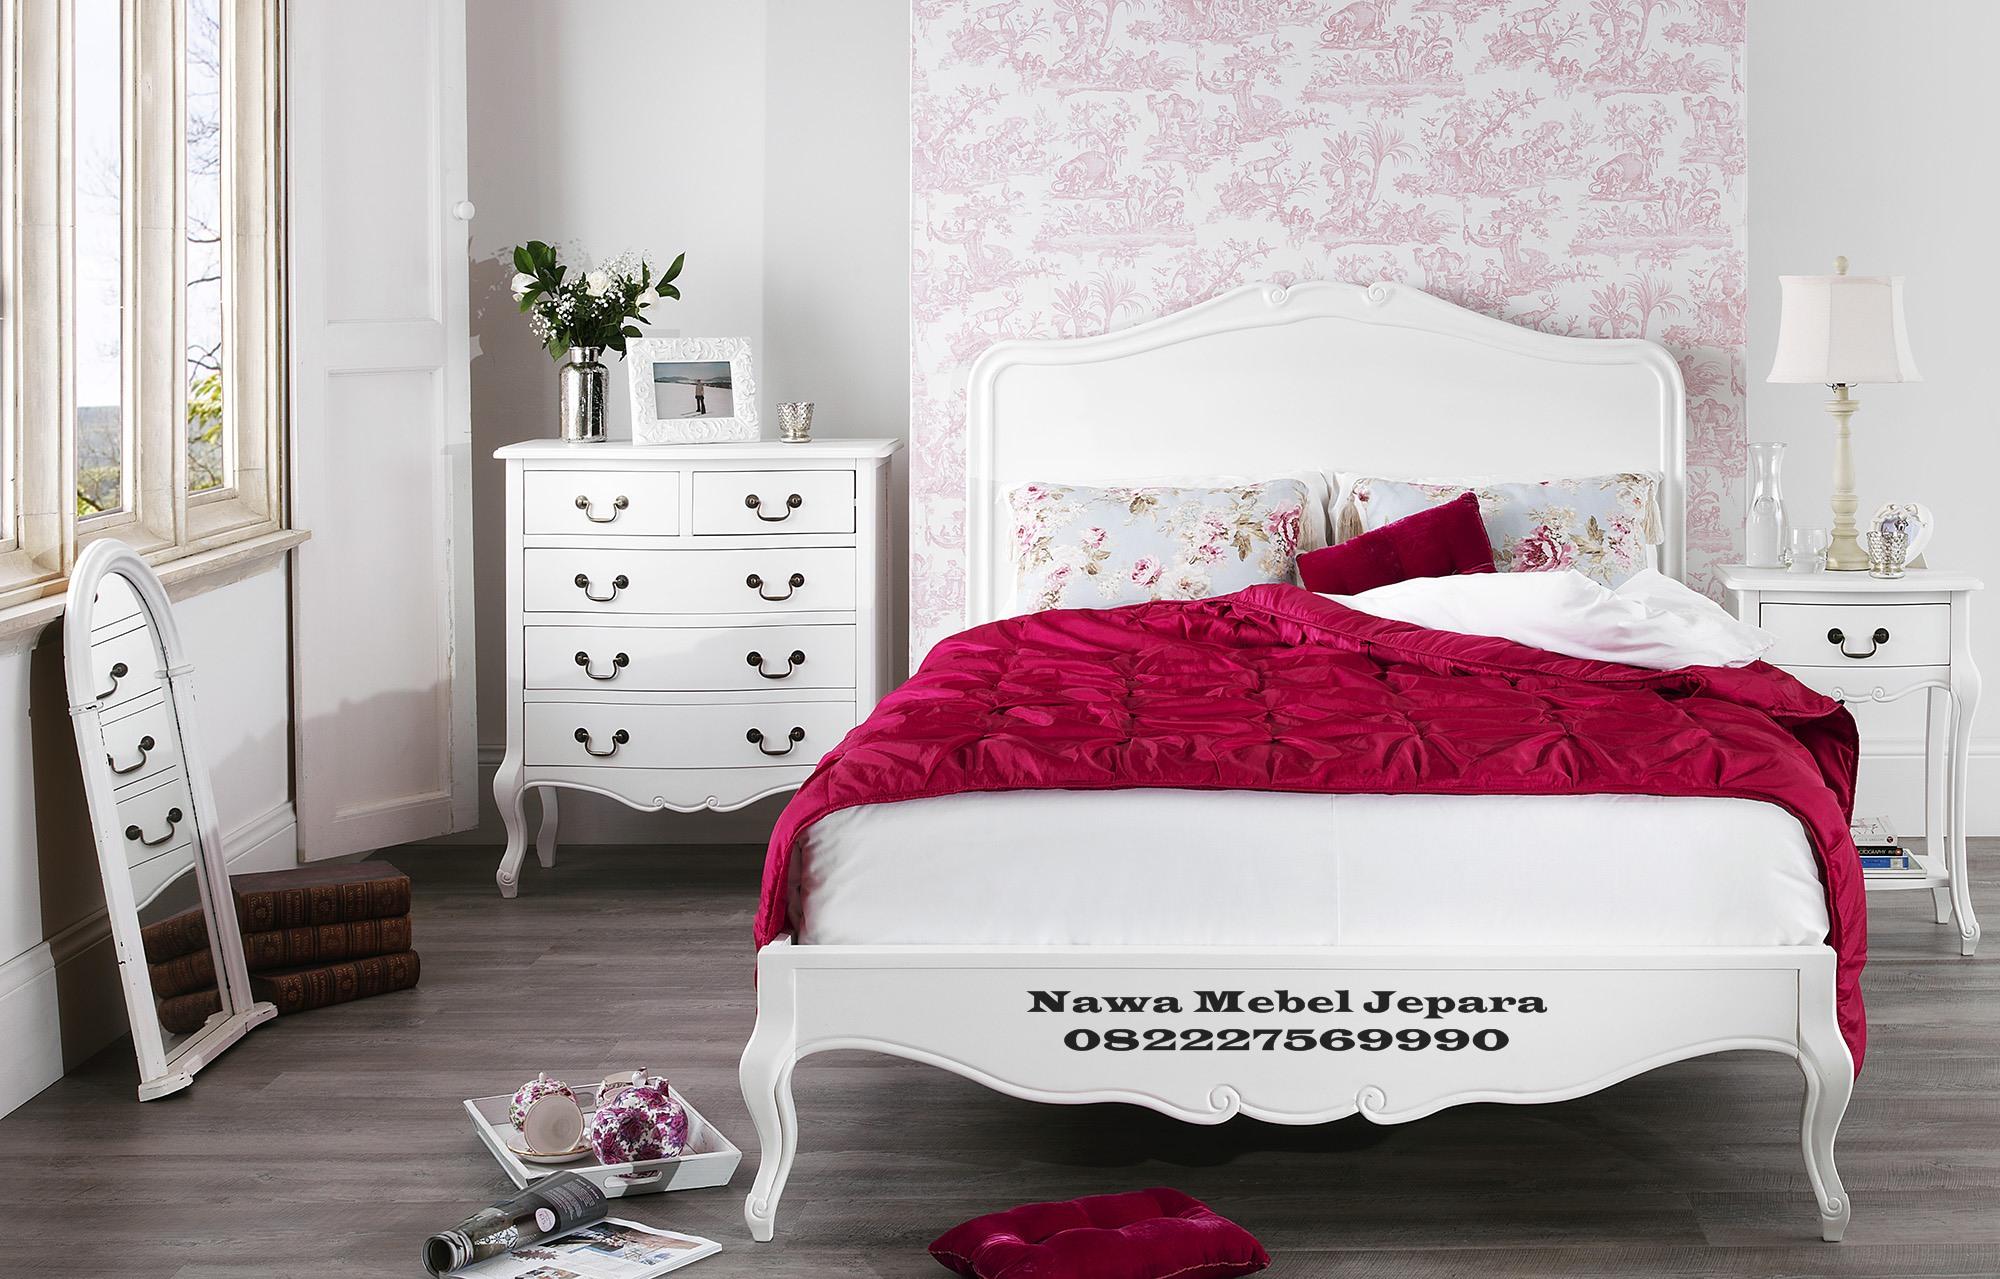 Tempat-Tidur-Putih-Minimalis-Harga-Murah Set Tempat Tidur Pengantin Minimalis Terbaru 2018